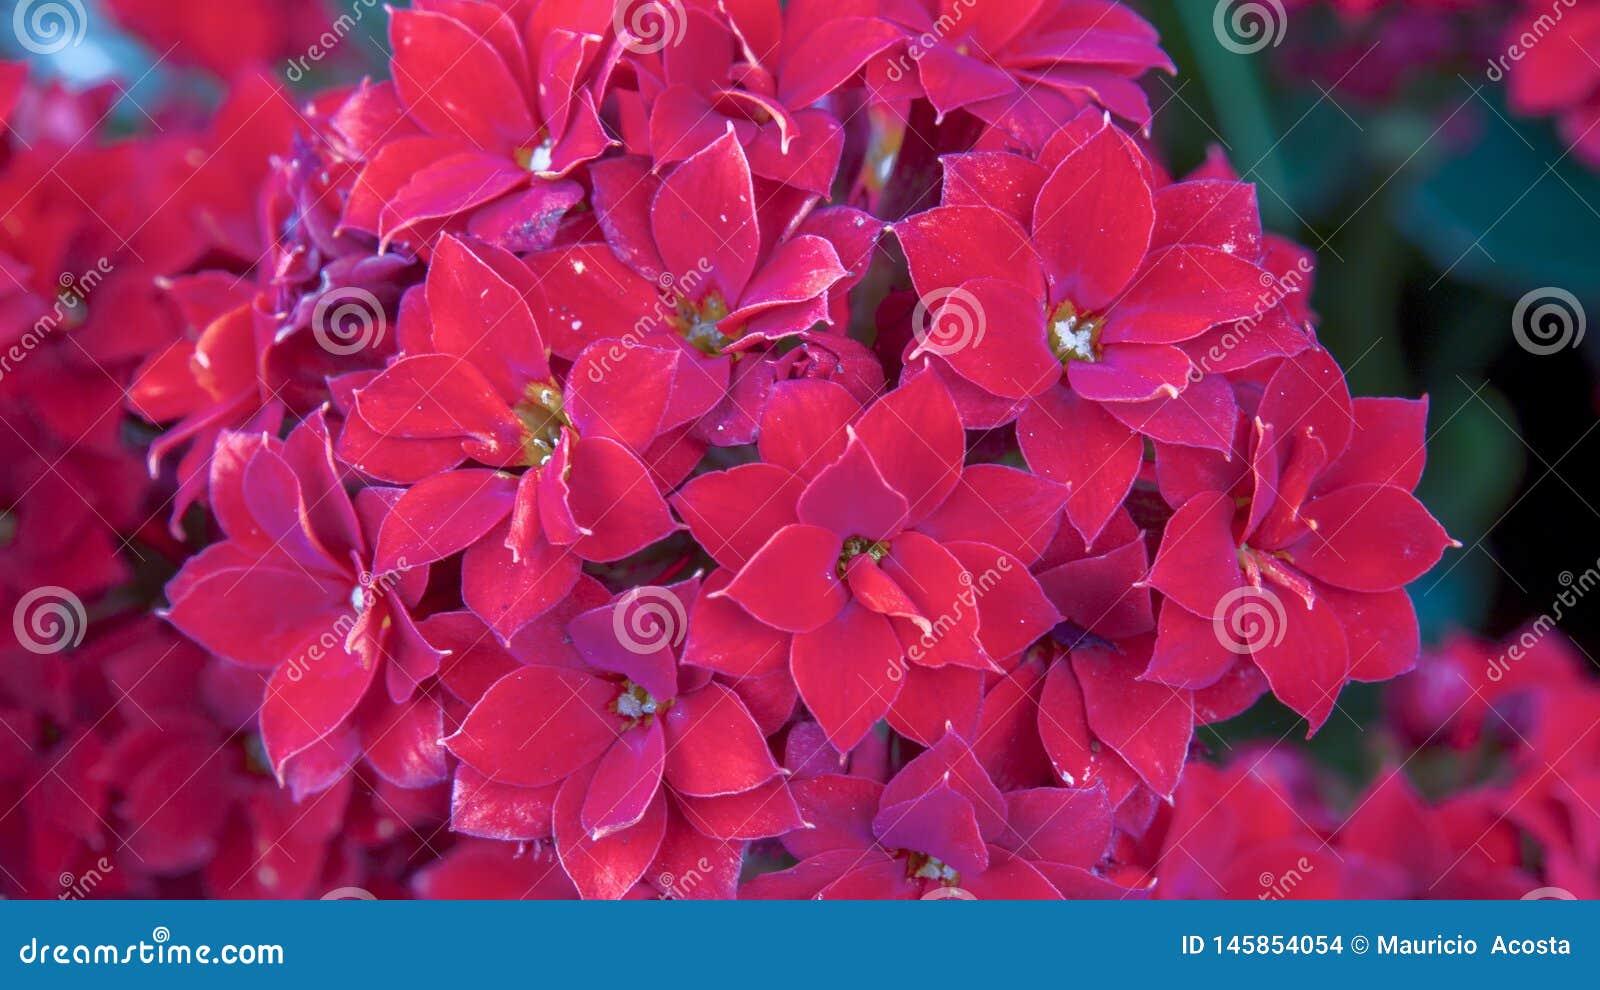 Неопознанные интенсивные красные маленькие цветки